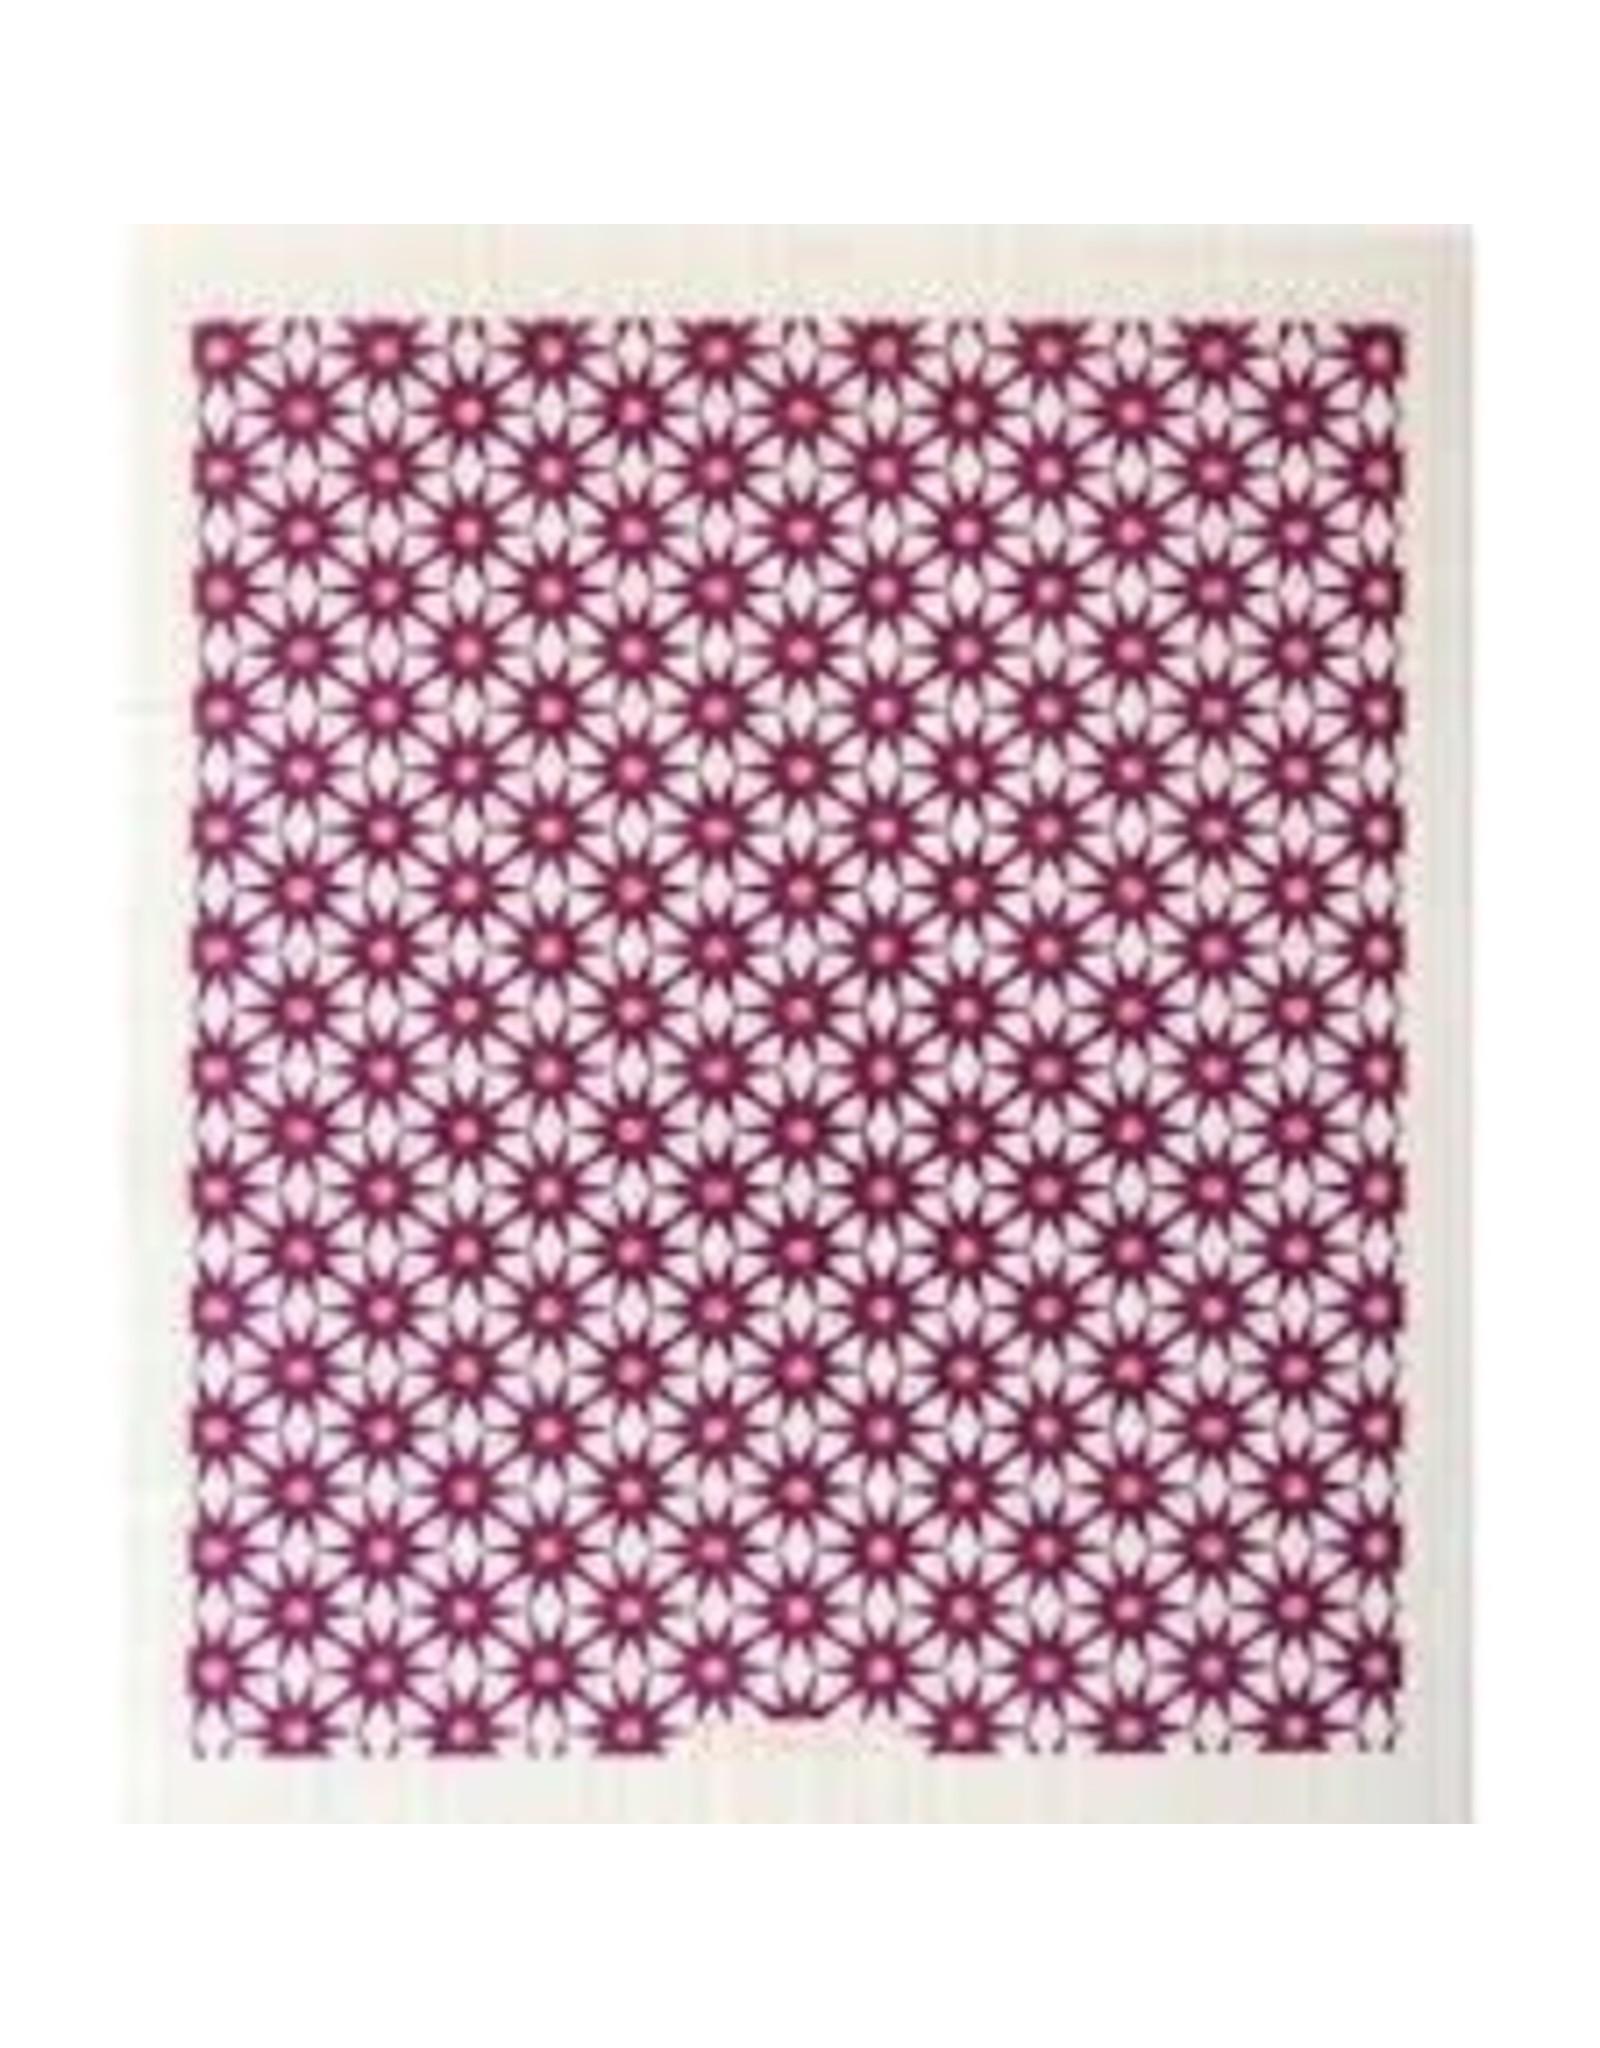 Ten & Co Starburst Plum on White Sponge Cloth